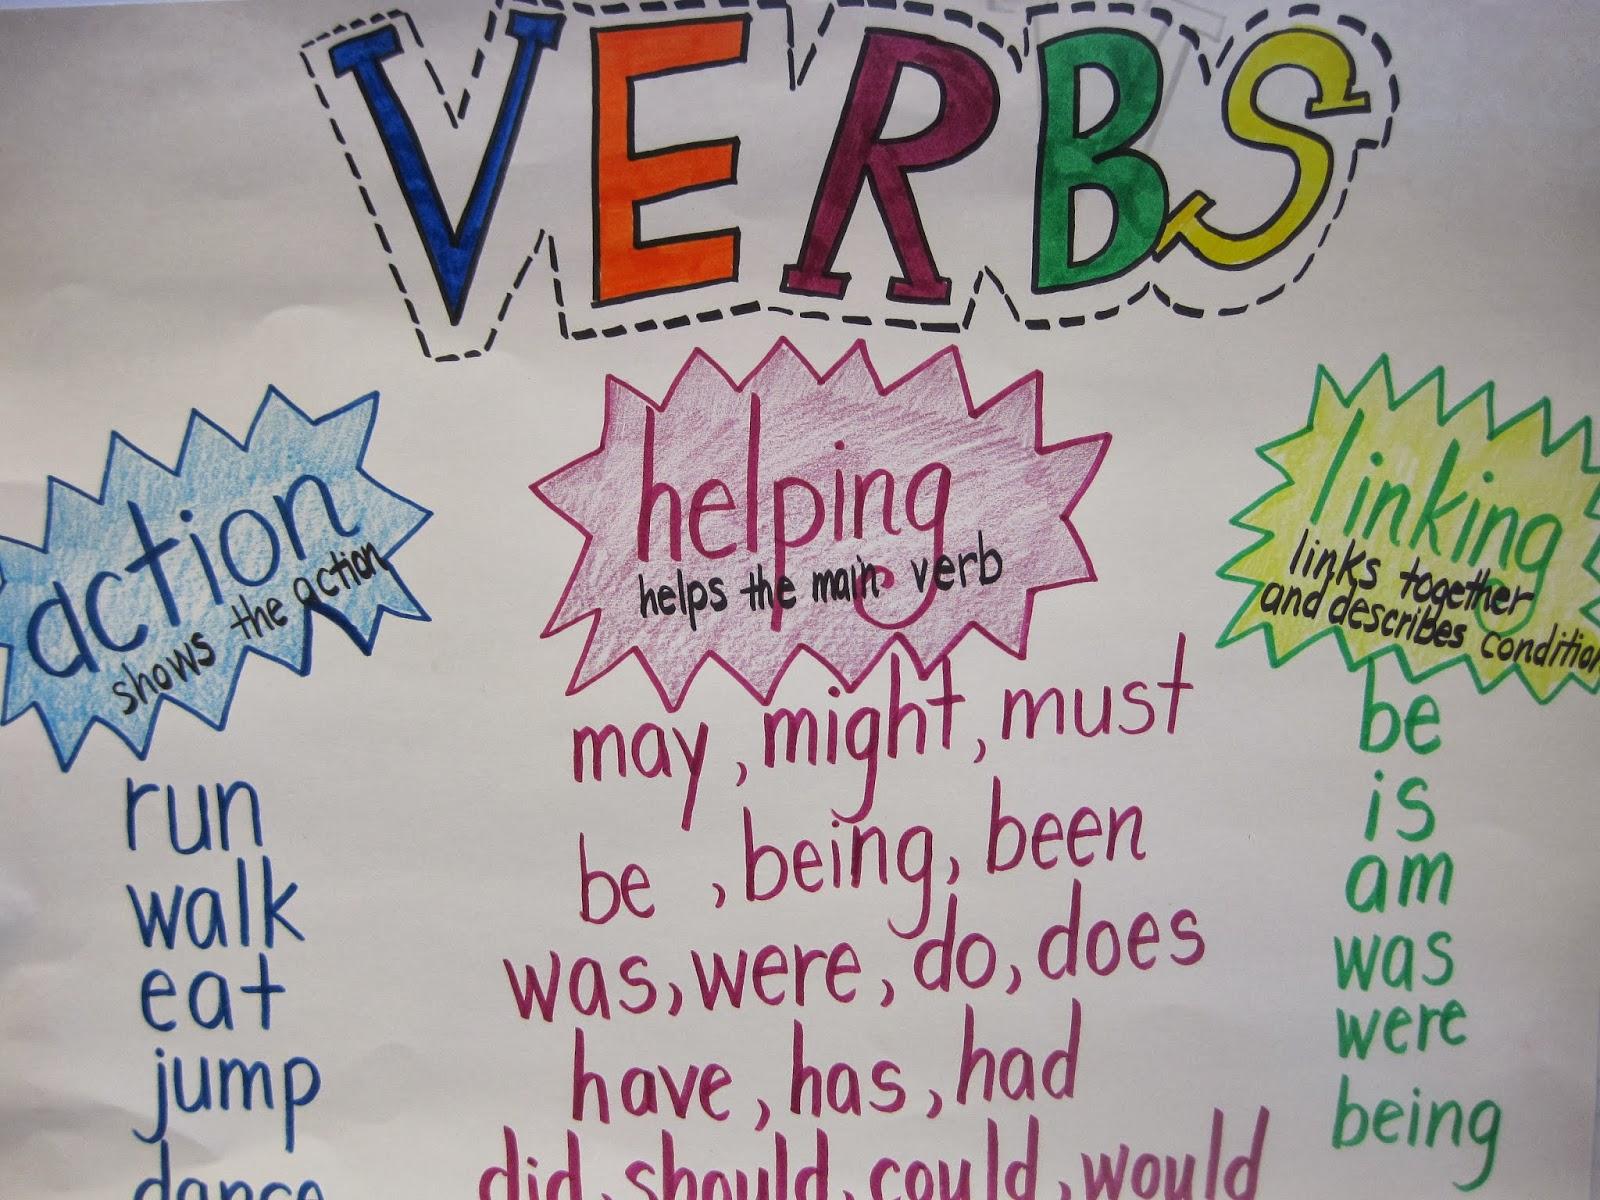 verbs+anchor+chart.JPG (1600×1200)   school ideas   Pinterest